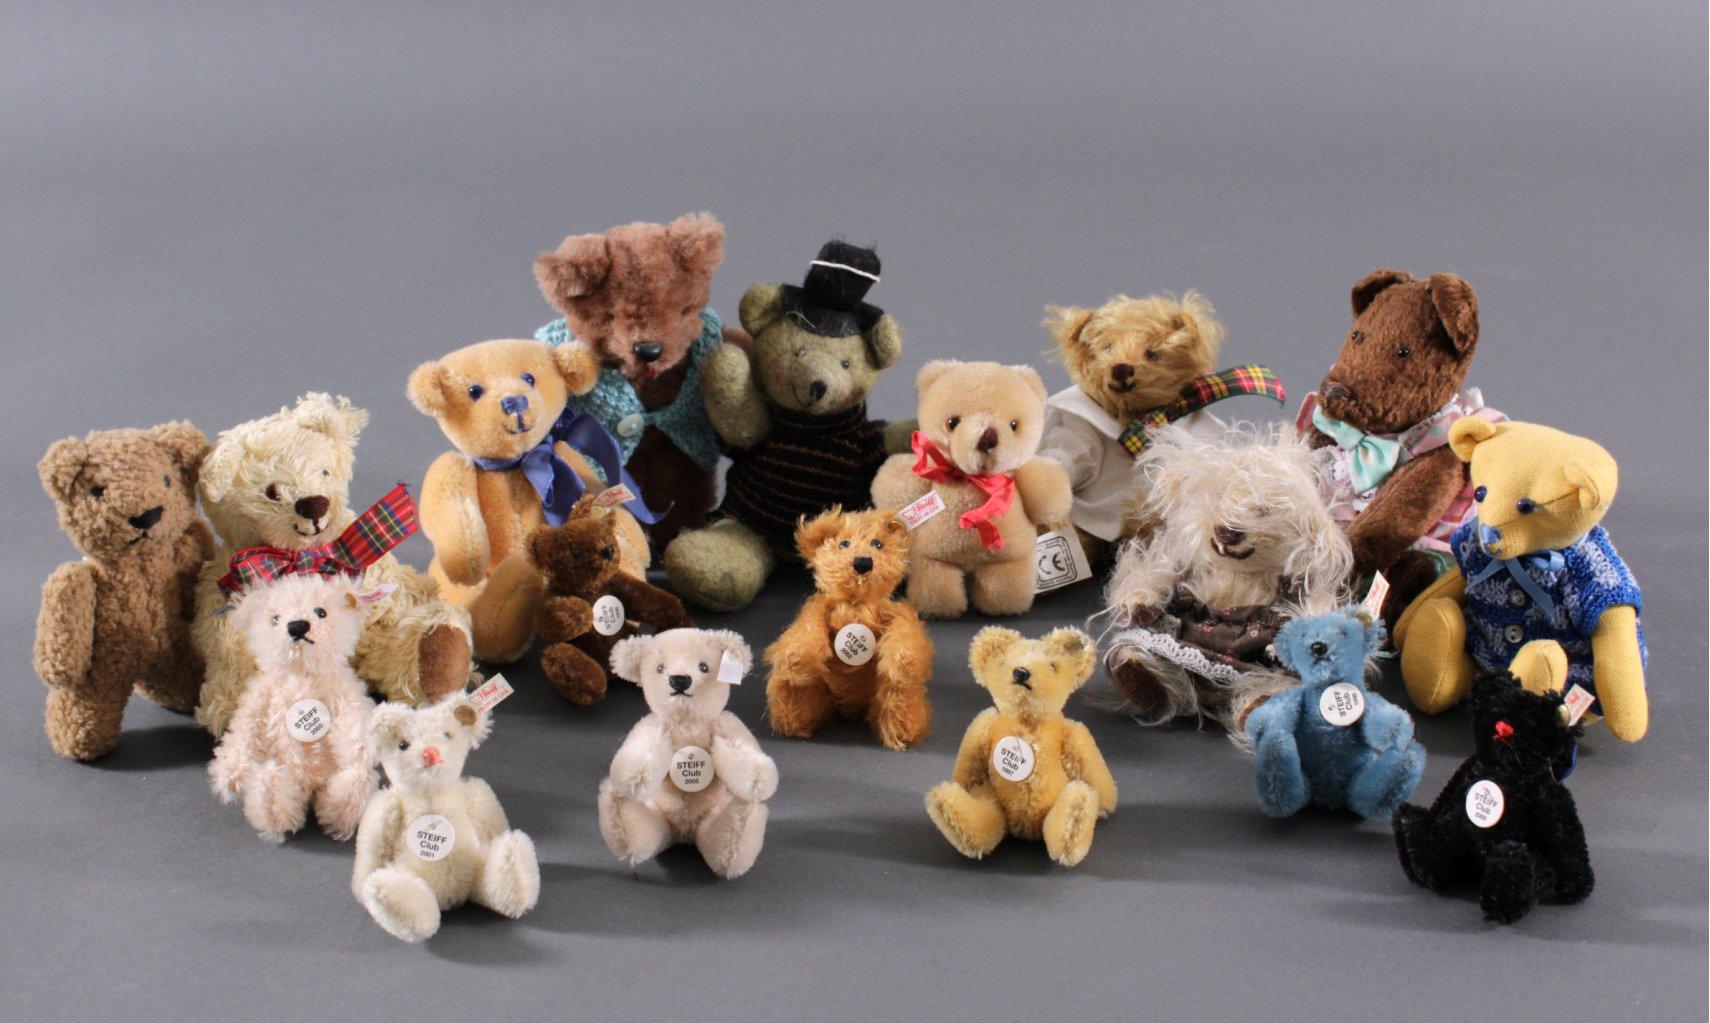 Sammlung kleiner Teddybären, u.a. Steiff, 18 Stück